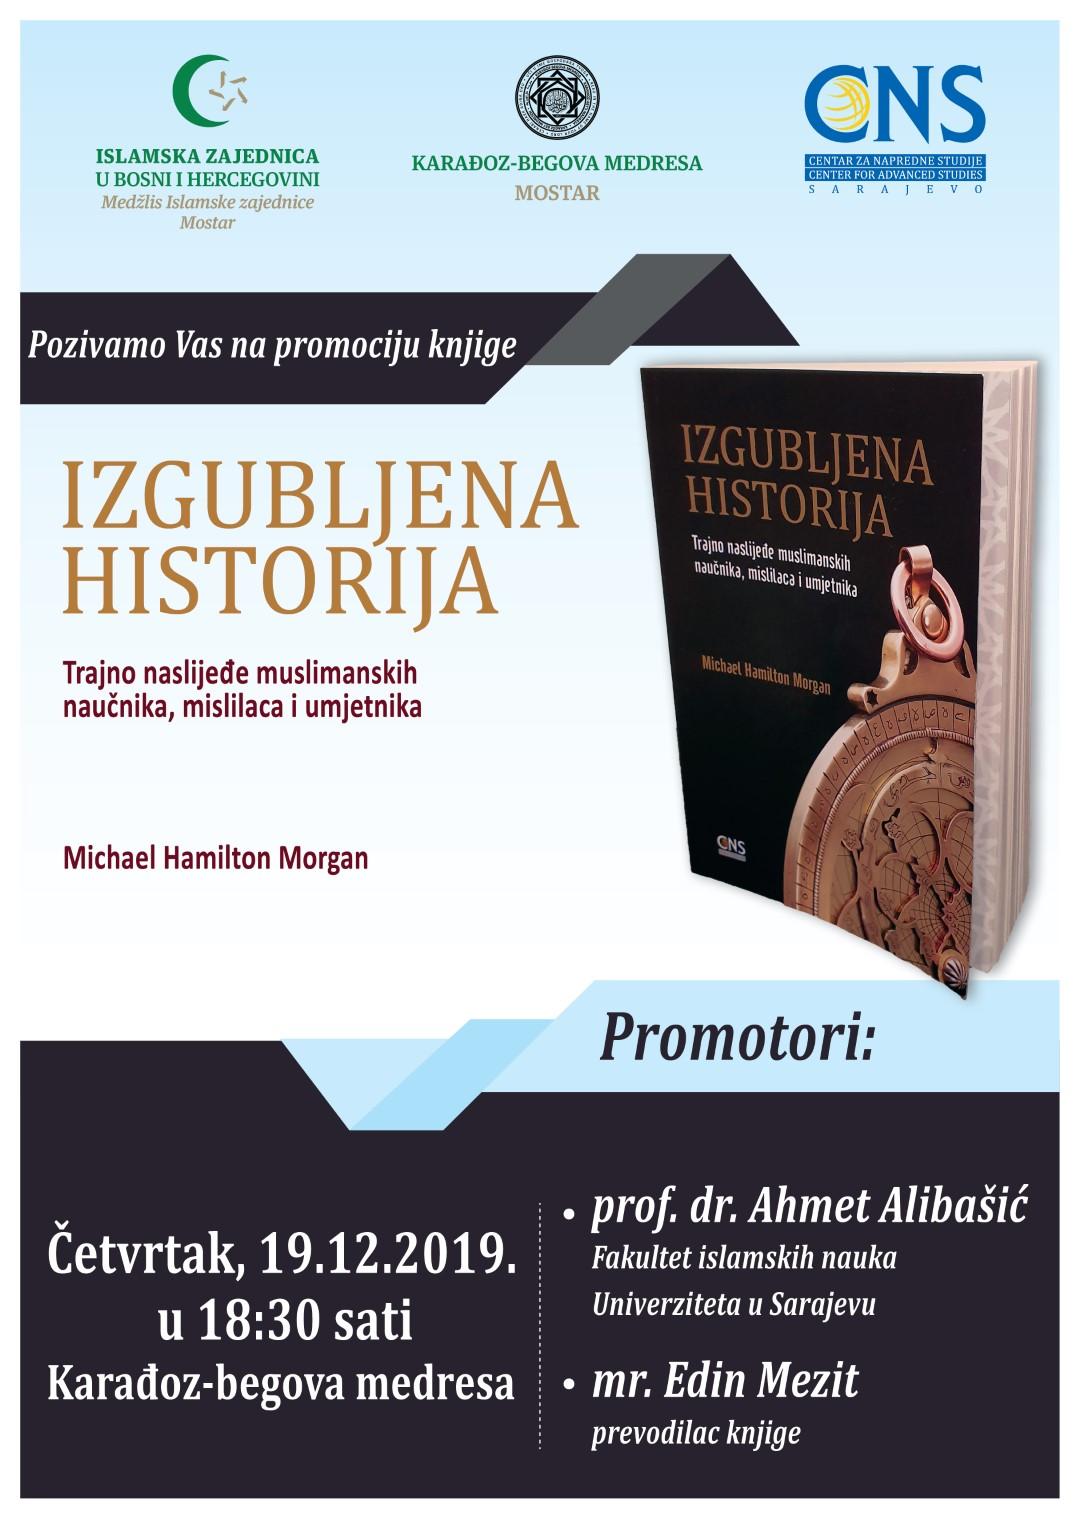 """Promocija knjige """"Izgubljena historija"""" autora Michael H. Morgana u Mostaru"""